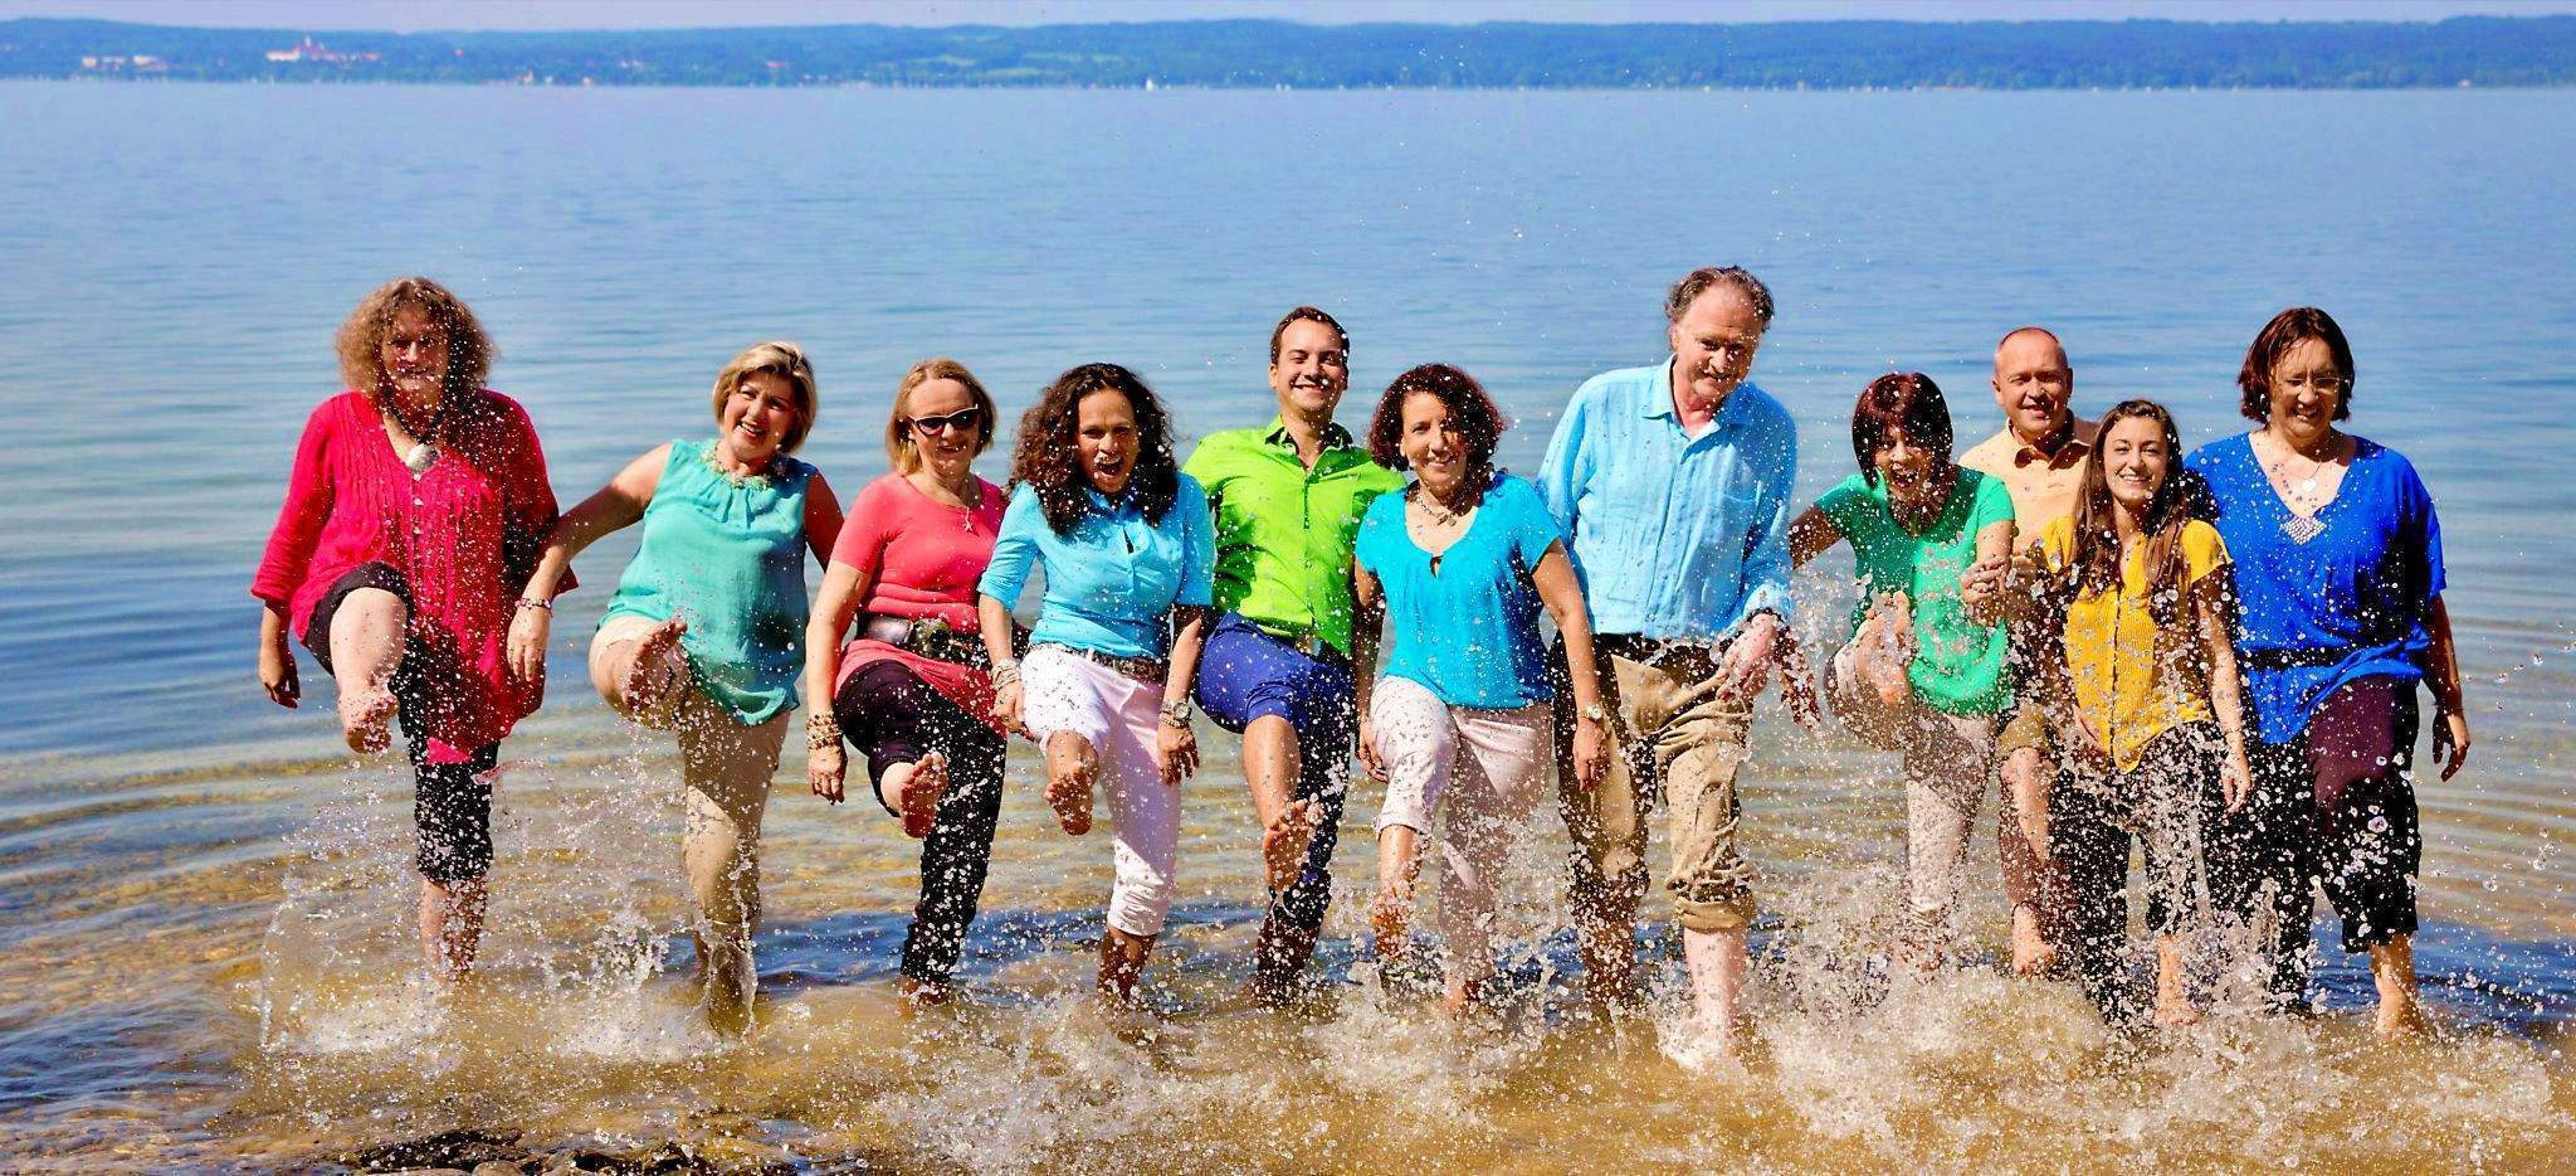 Das Team von Trauminsel Reisen im Ammersee, in bunter Kleidung, treten Wasser in die Luft